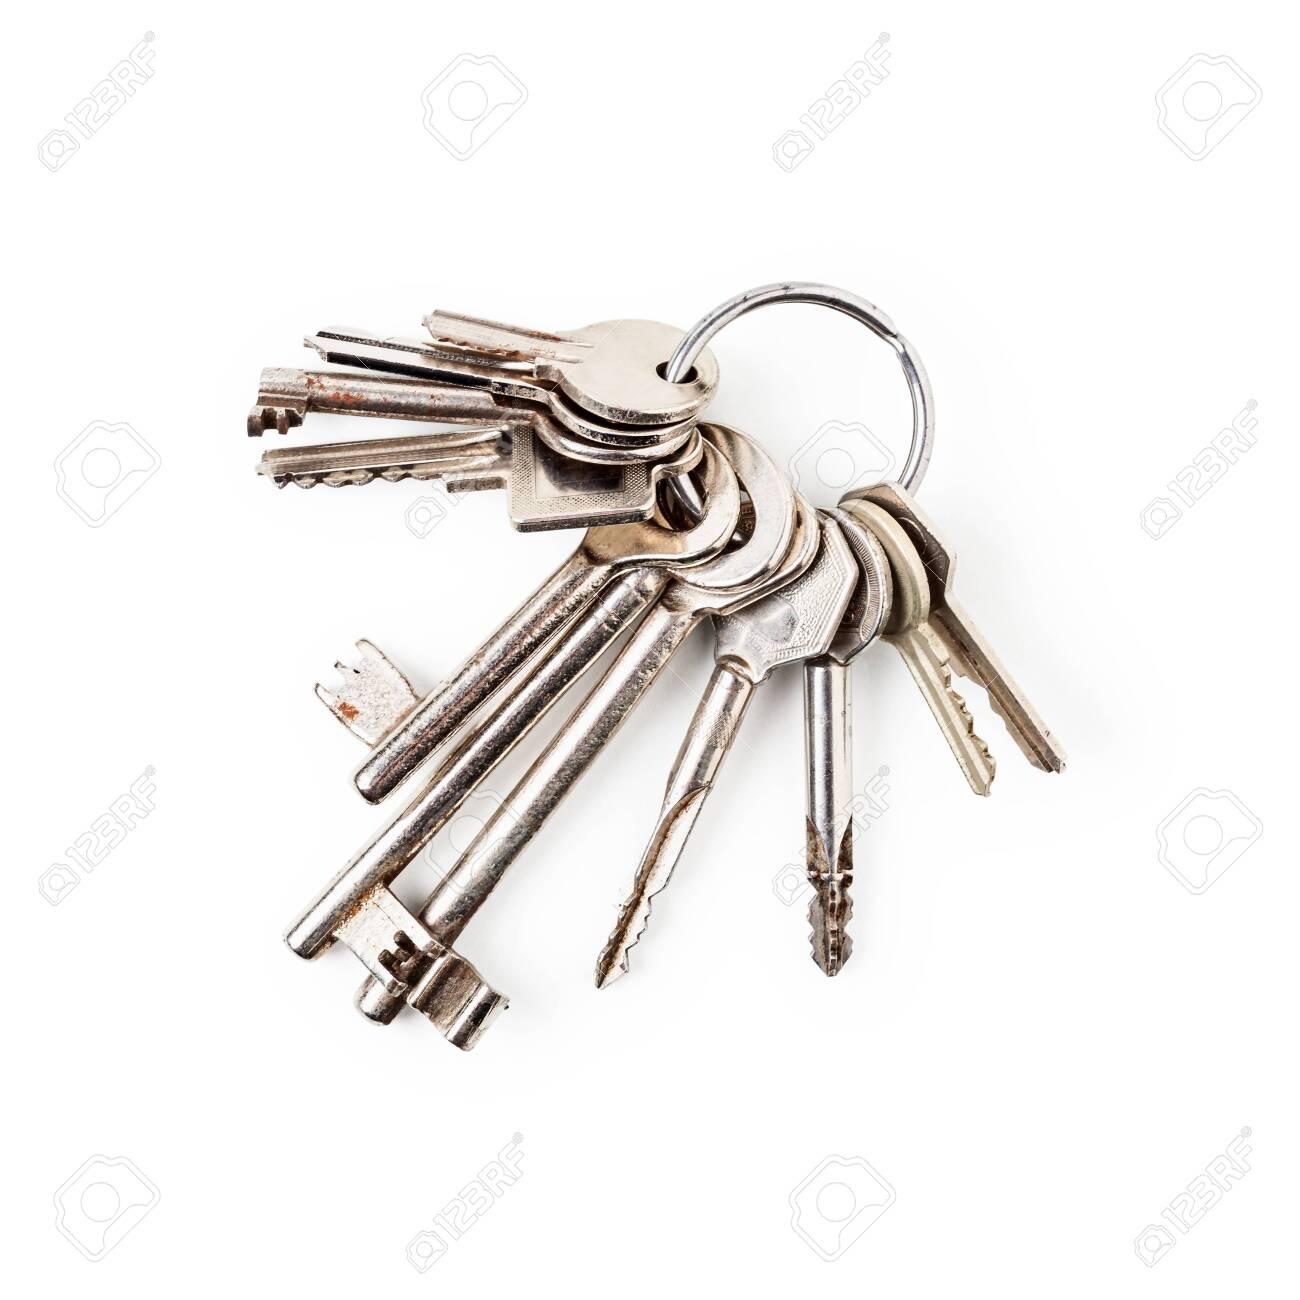 Keys on key ring arrangement isolated on white background - 139473946